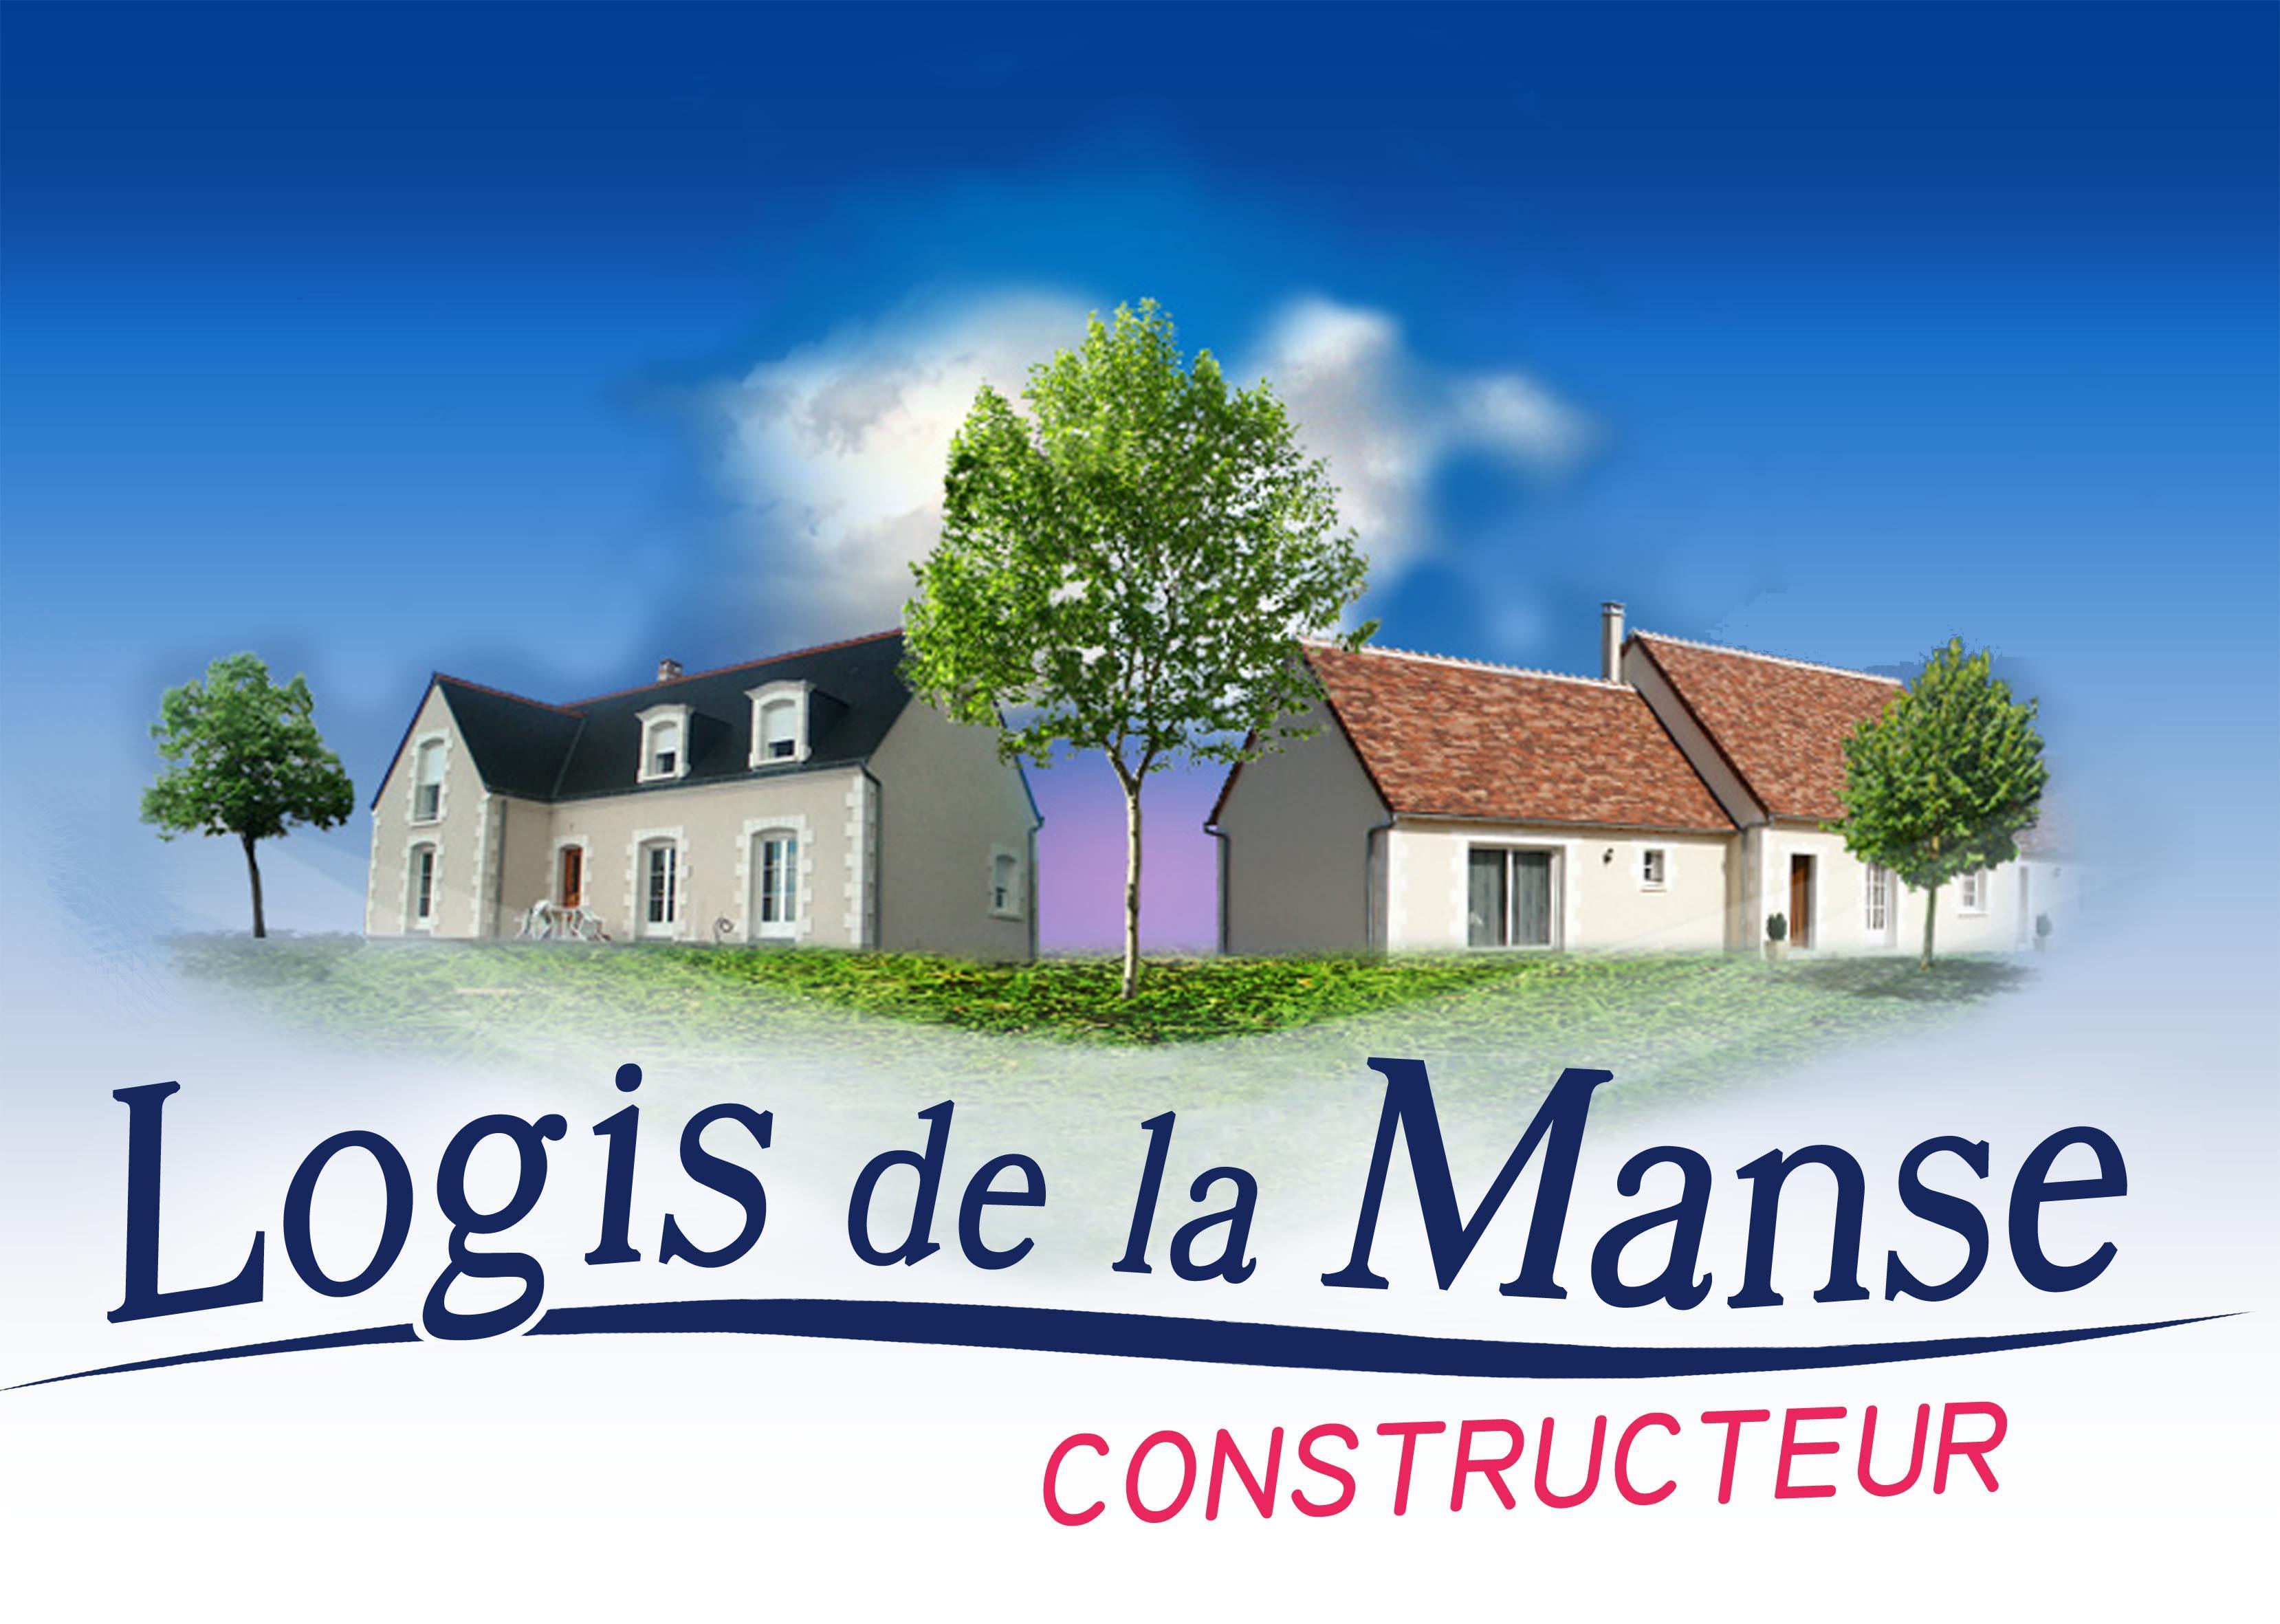 Logo Les Logis de la Manse